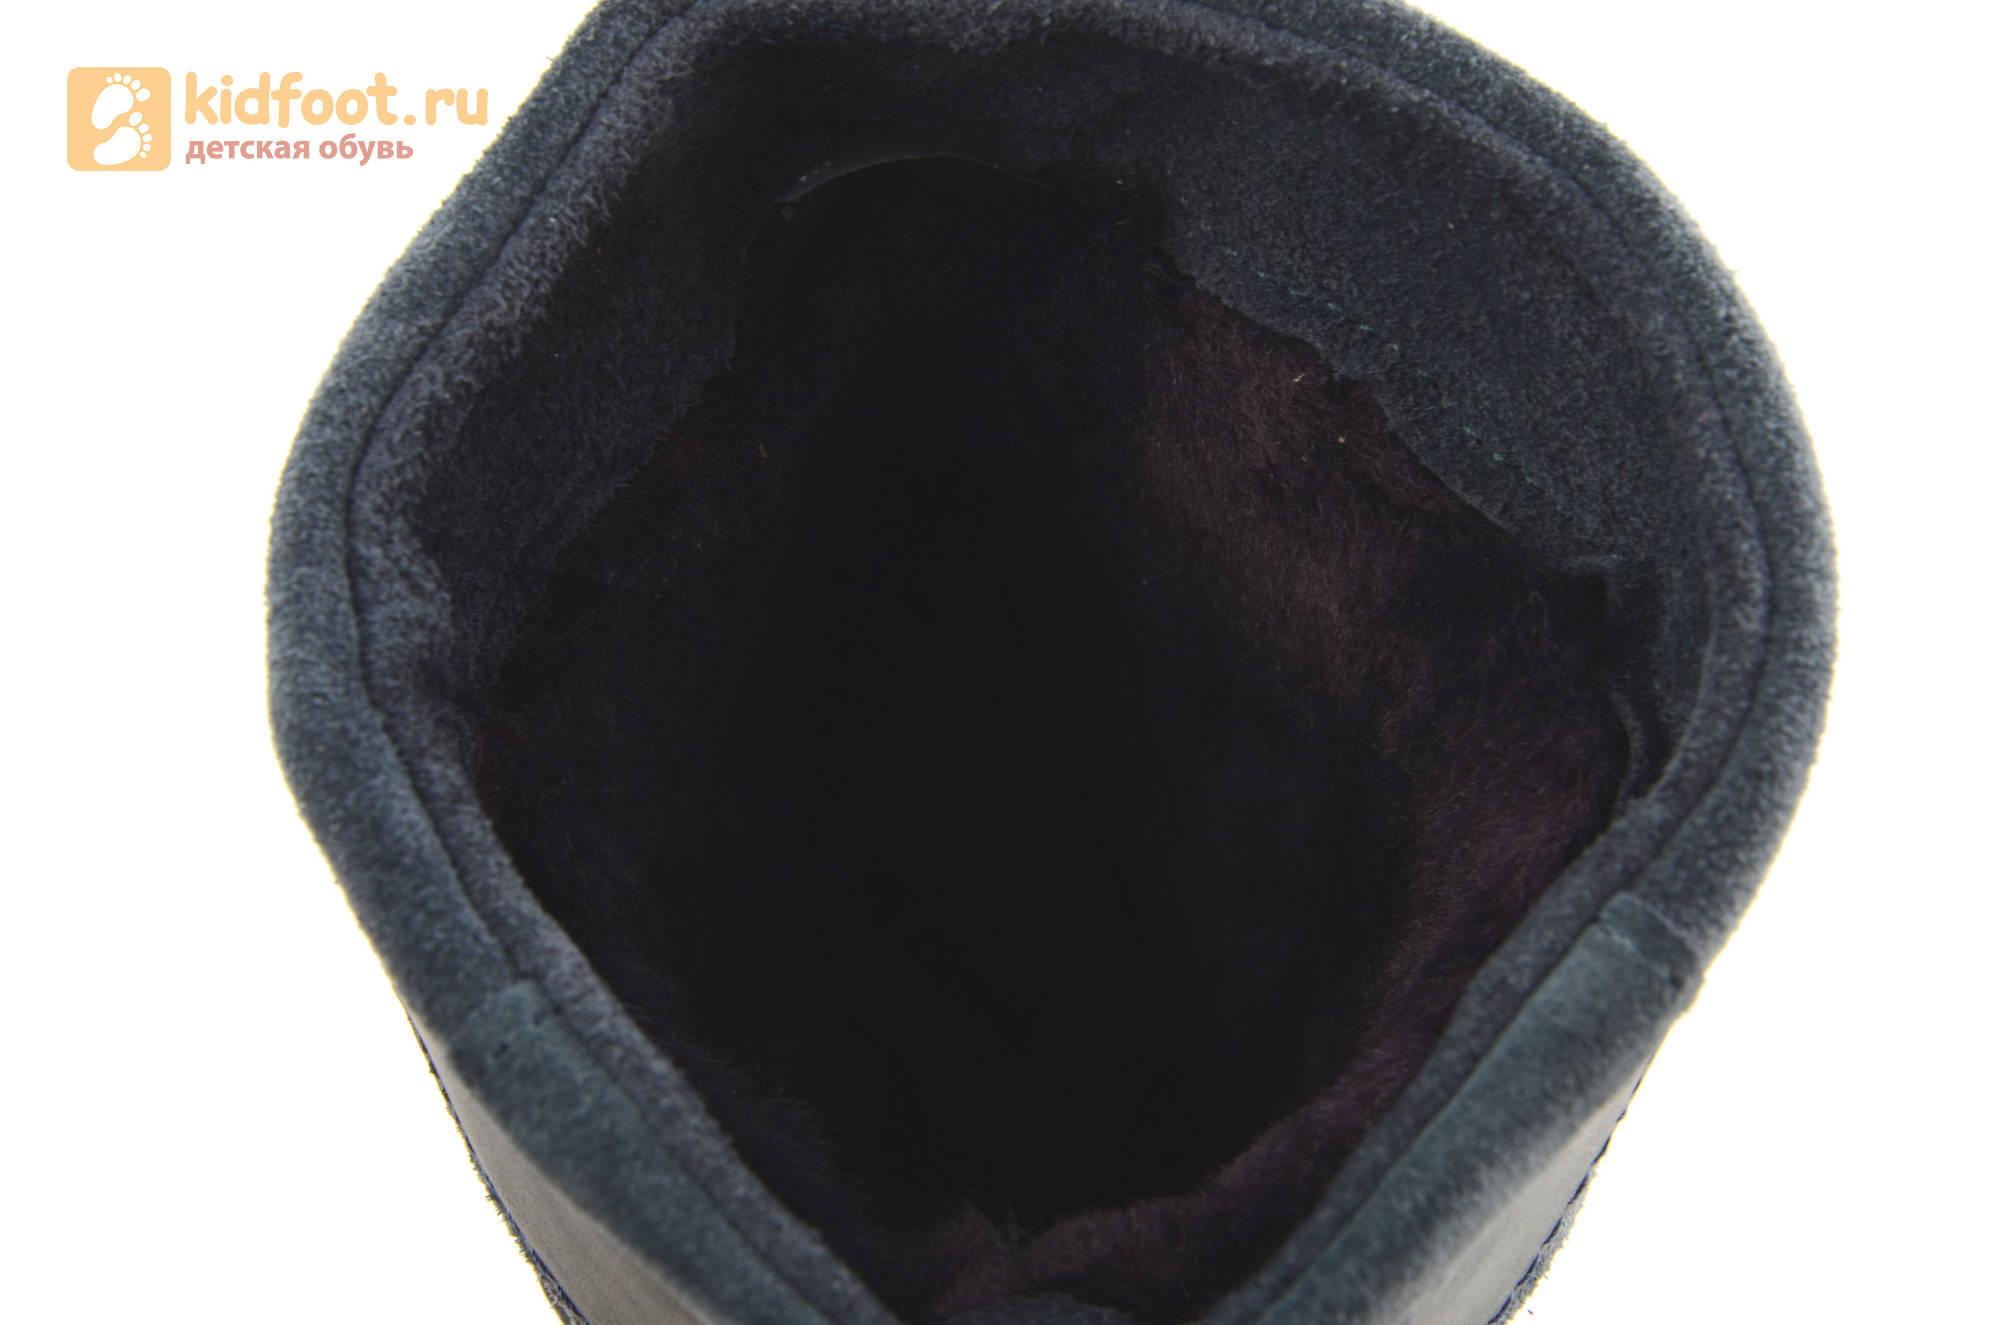 Зимние сапоги для мальчиков из натуральной кожи на меху Лель, цвет серый